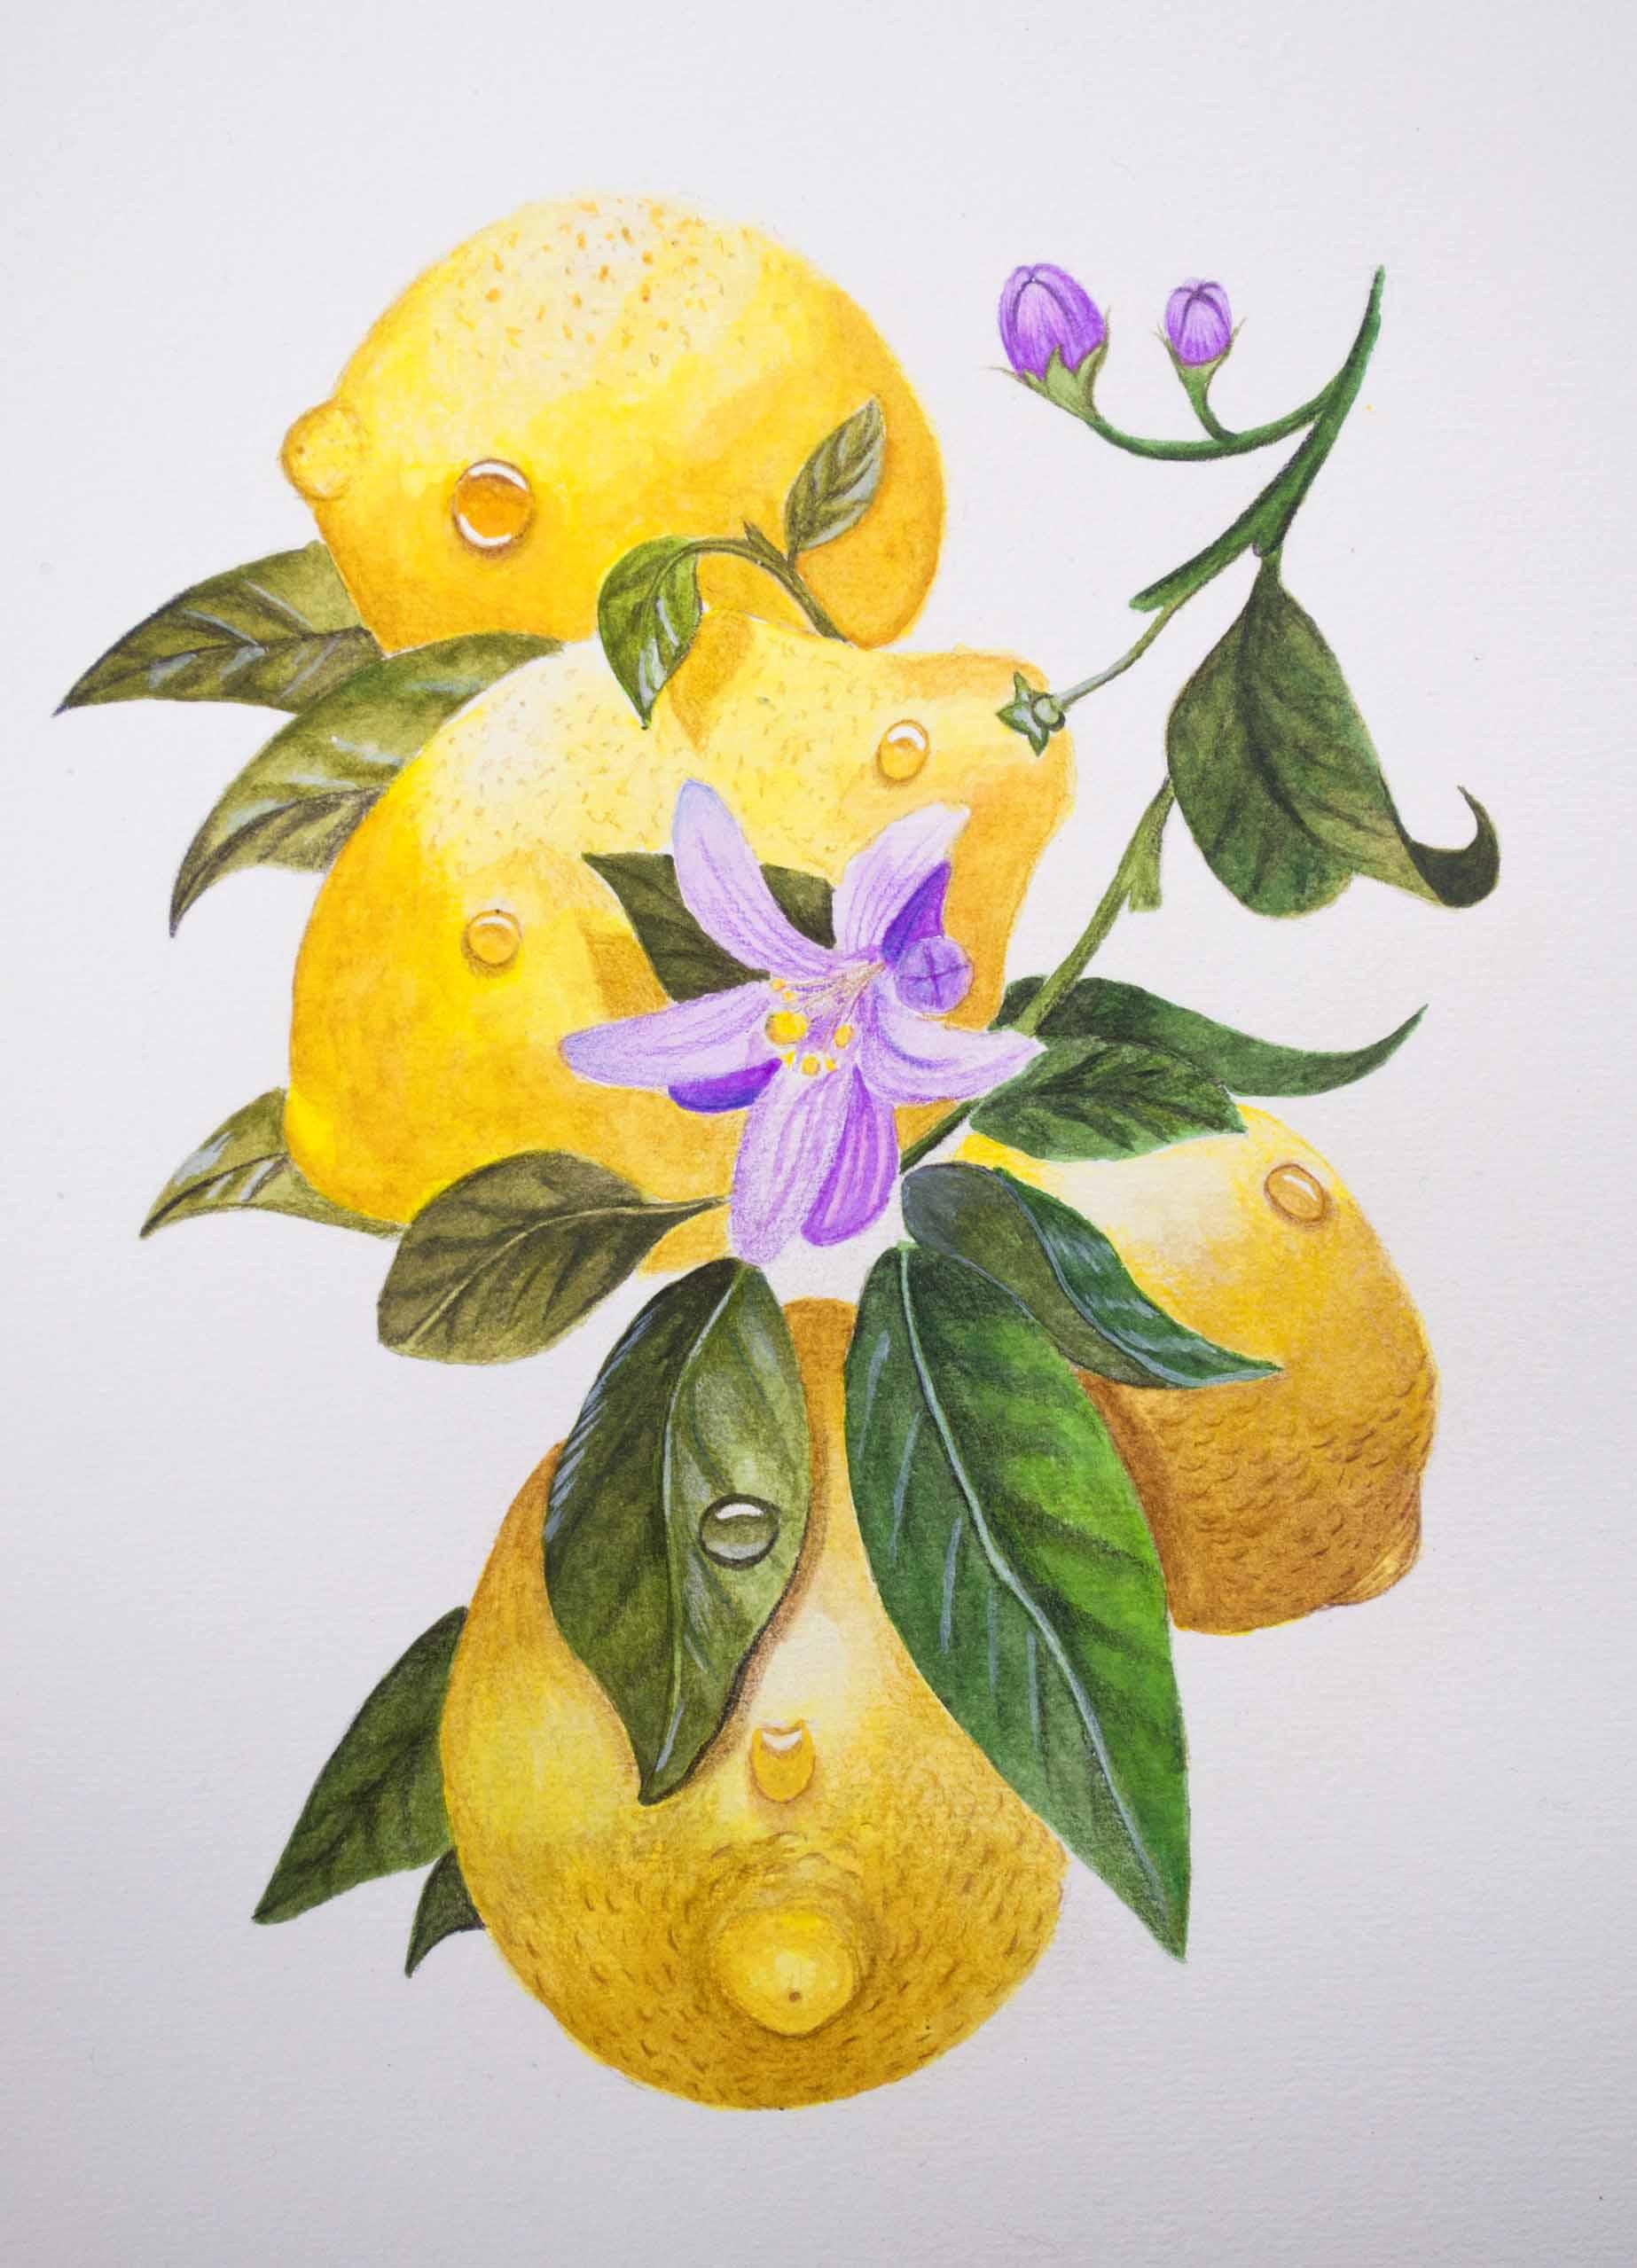 W&N Lemons Final Image .jpg